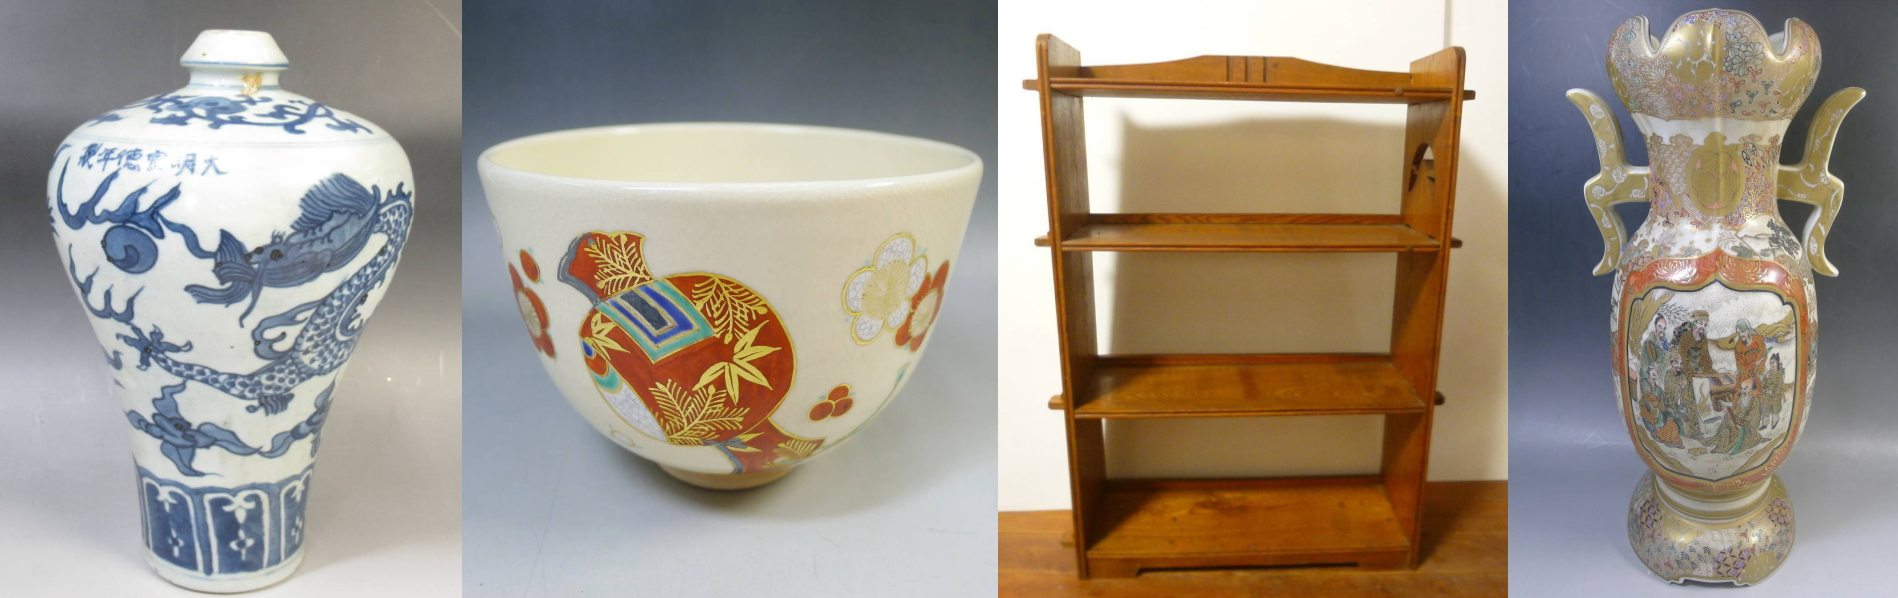 中国花瓶、永楽善五郎茶碗、レトロ棚、花瓶